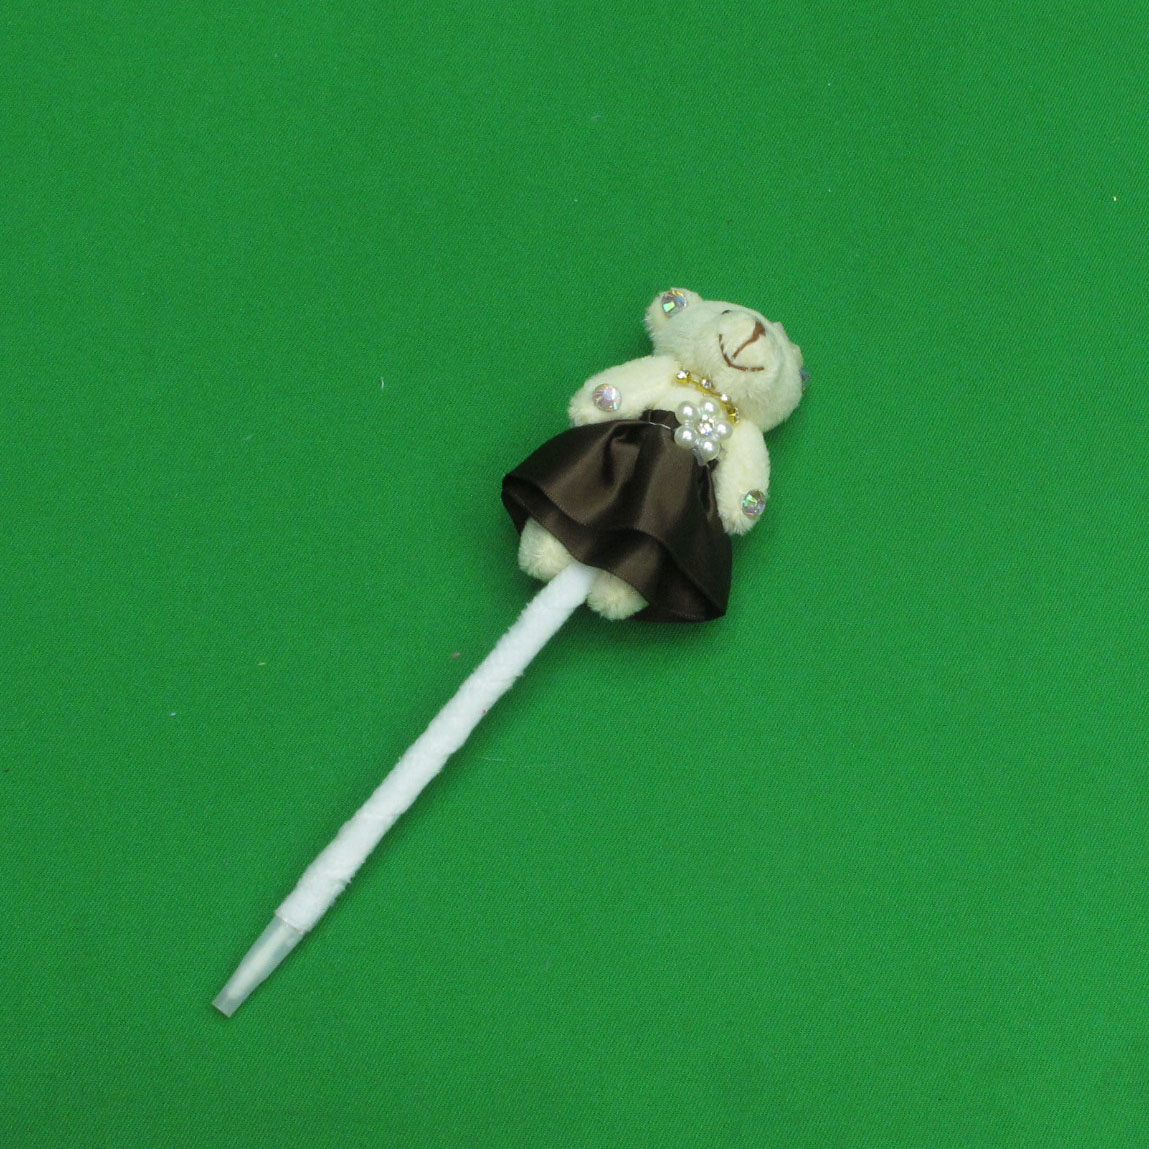 0.7mm 큐빅 드레스 입은 곰인형 볼펜(21cmx7cm)